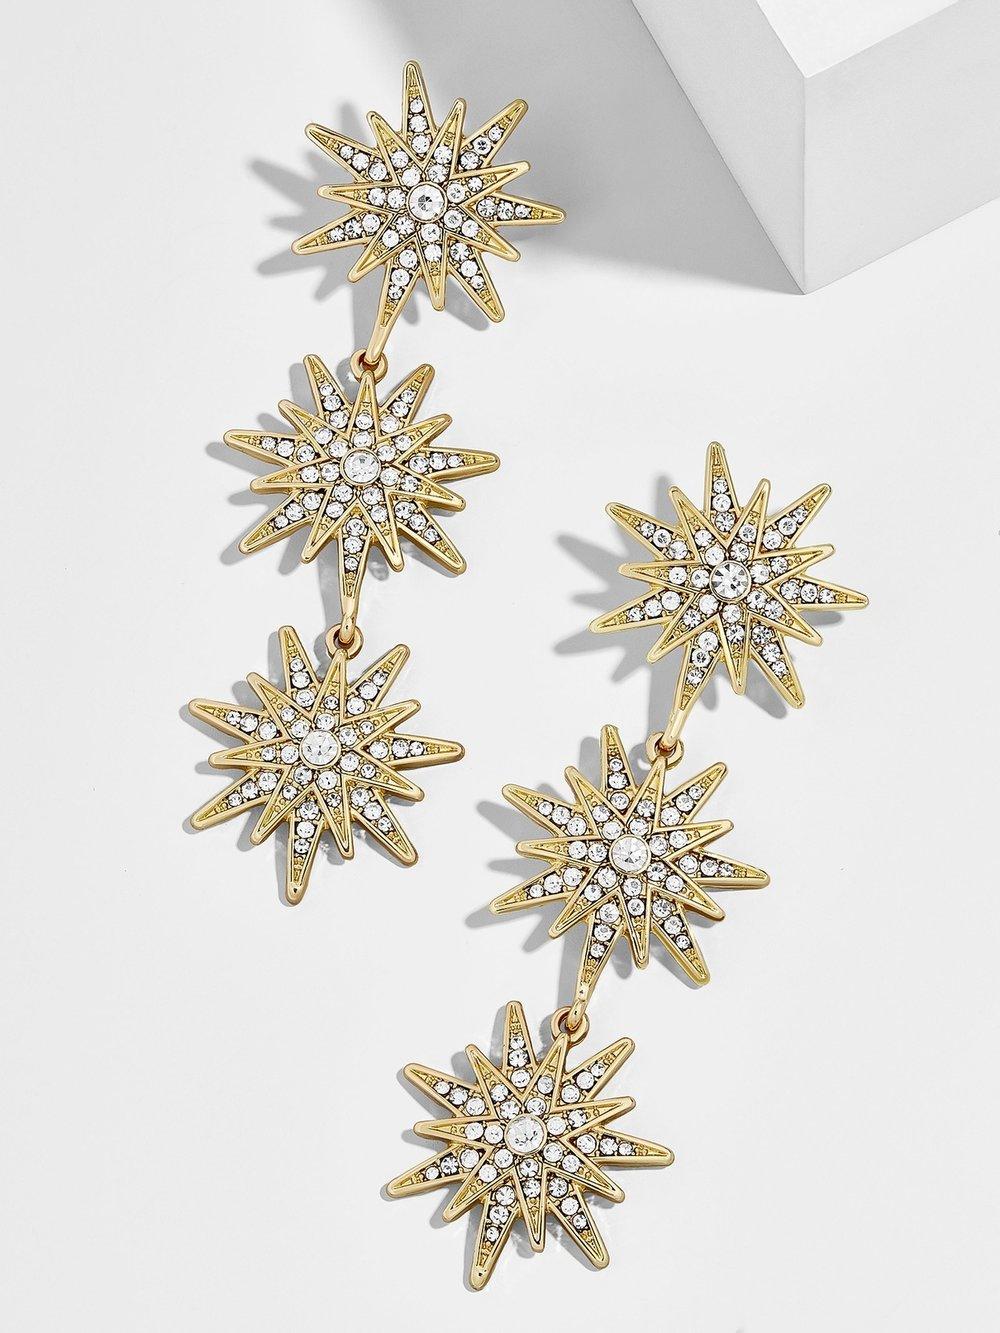 Statement Earrings - $38 on BaubleBar